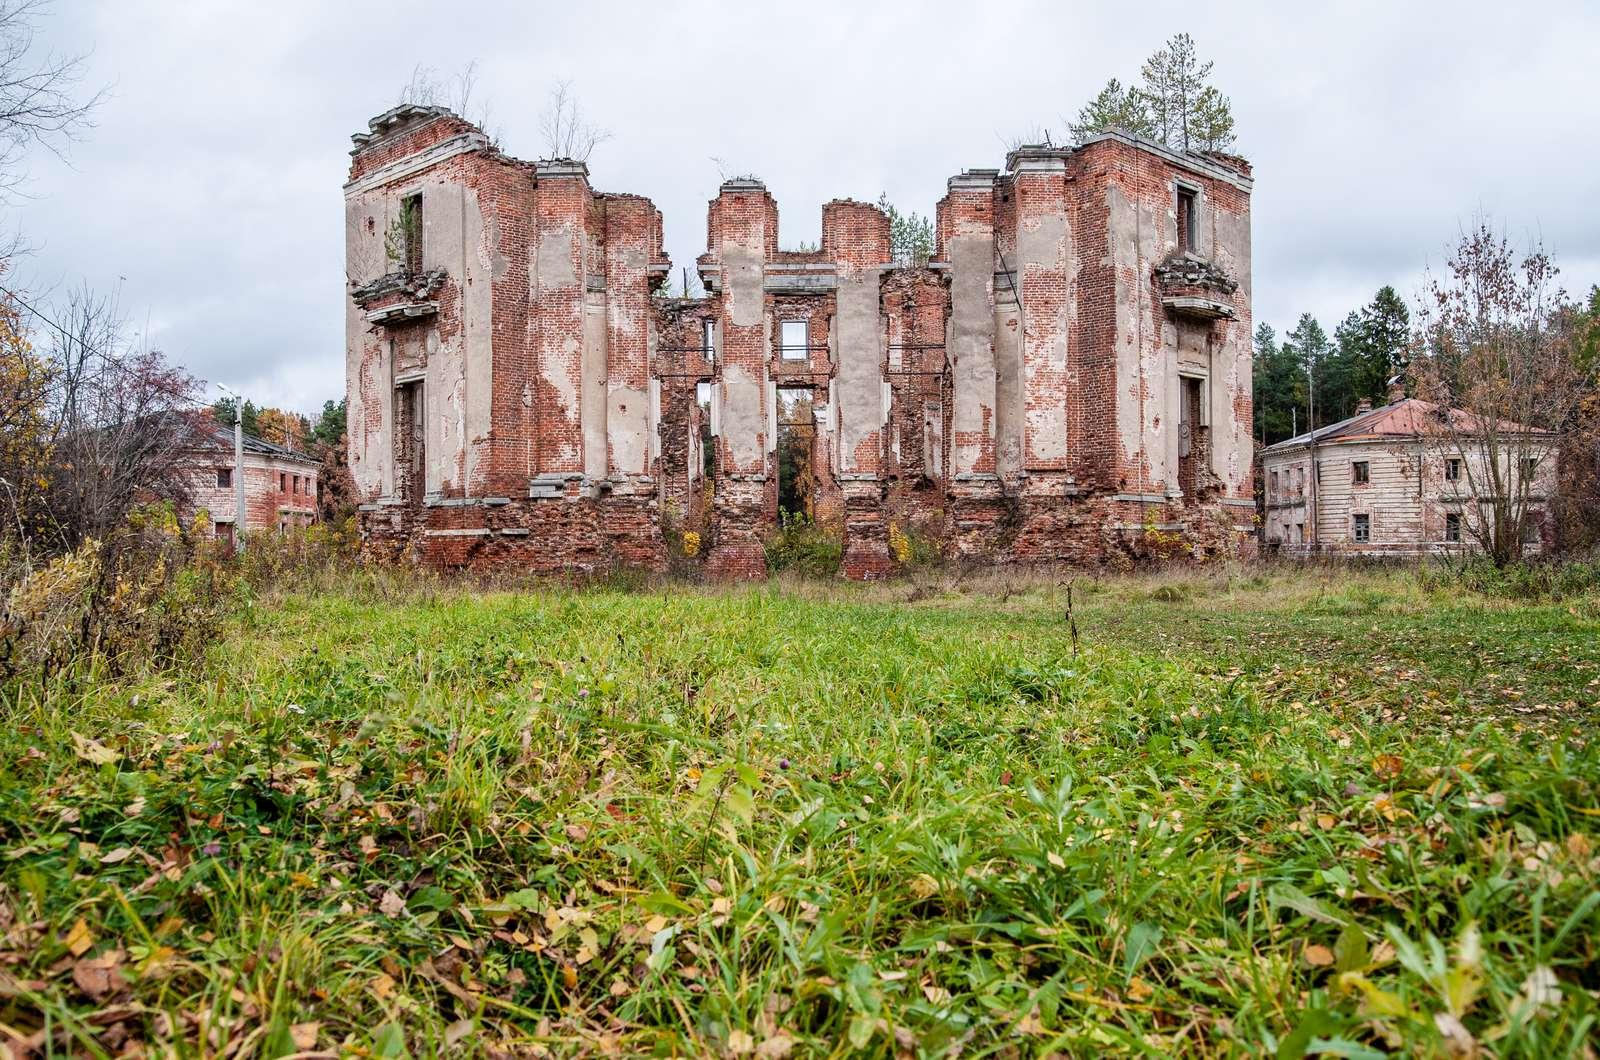 Руины с величественной историей. Где найти лучшие заброшенные усадьбы в Подмосковье | Изображение 1